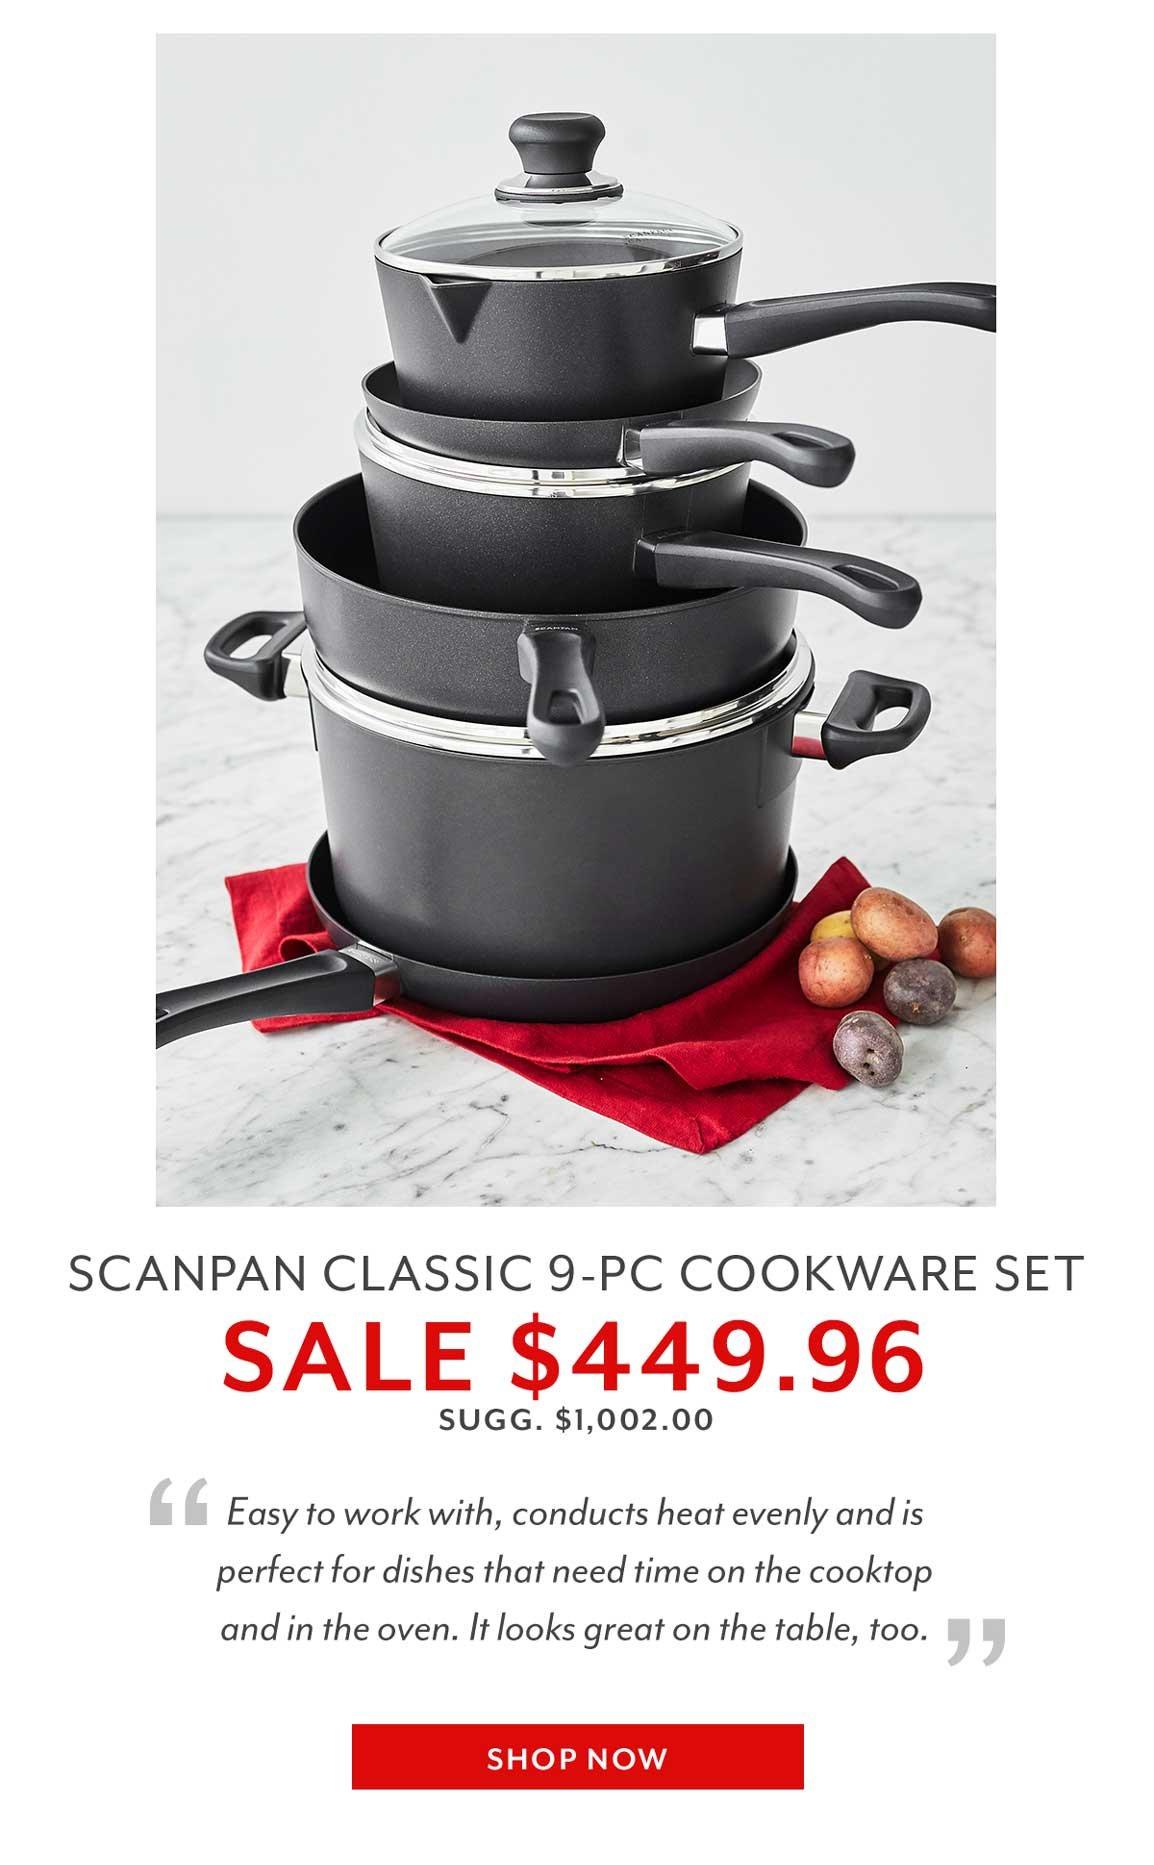 Scanpan Classic 9-PC set